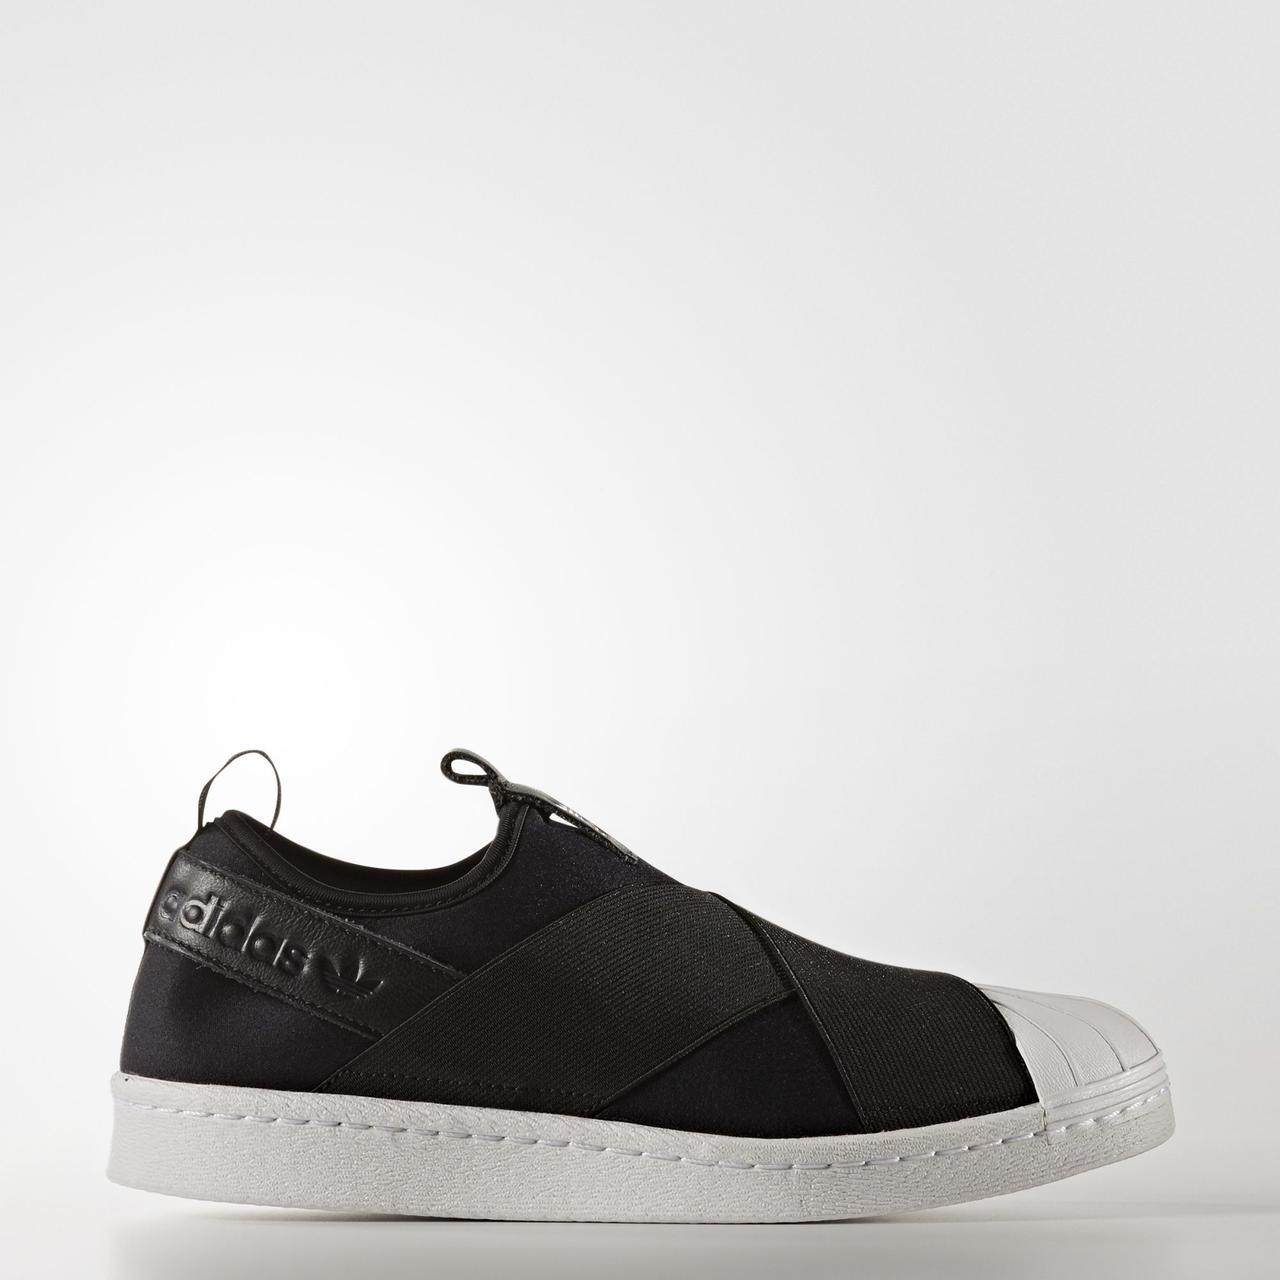 Кроссовки мужские Adidas SUPERSTAR слипон черные